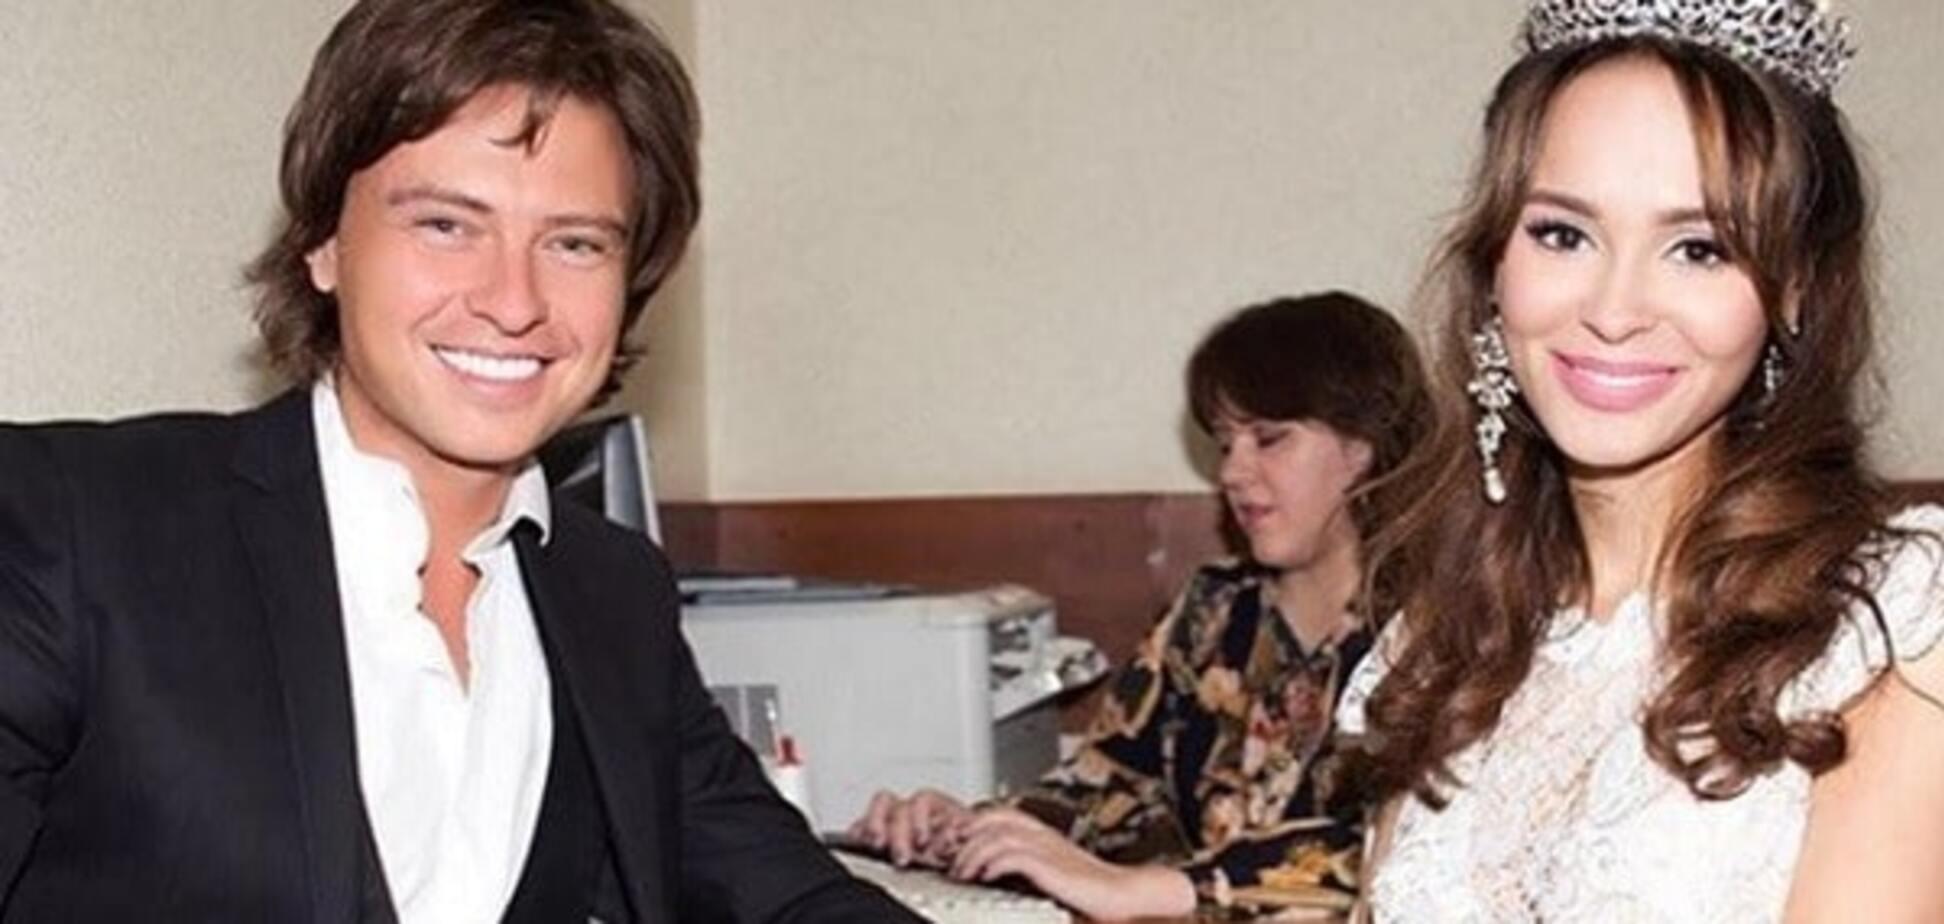 Прохор Шаляпин клянчит деньги на свадьбу у поклонников